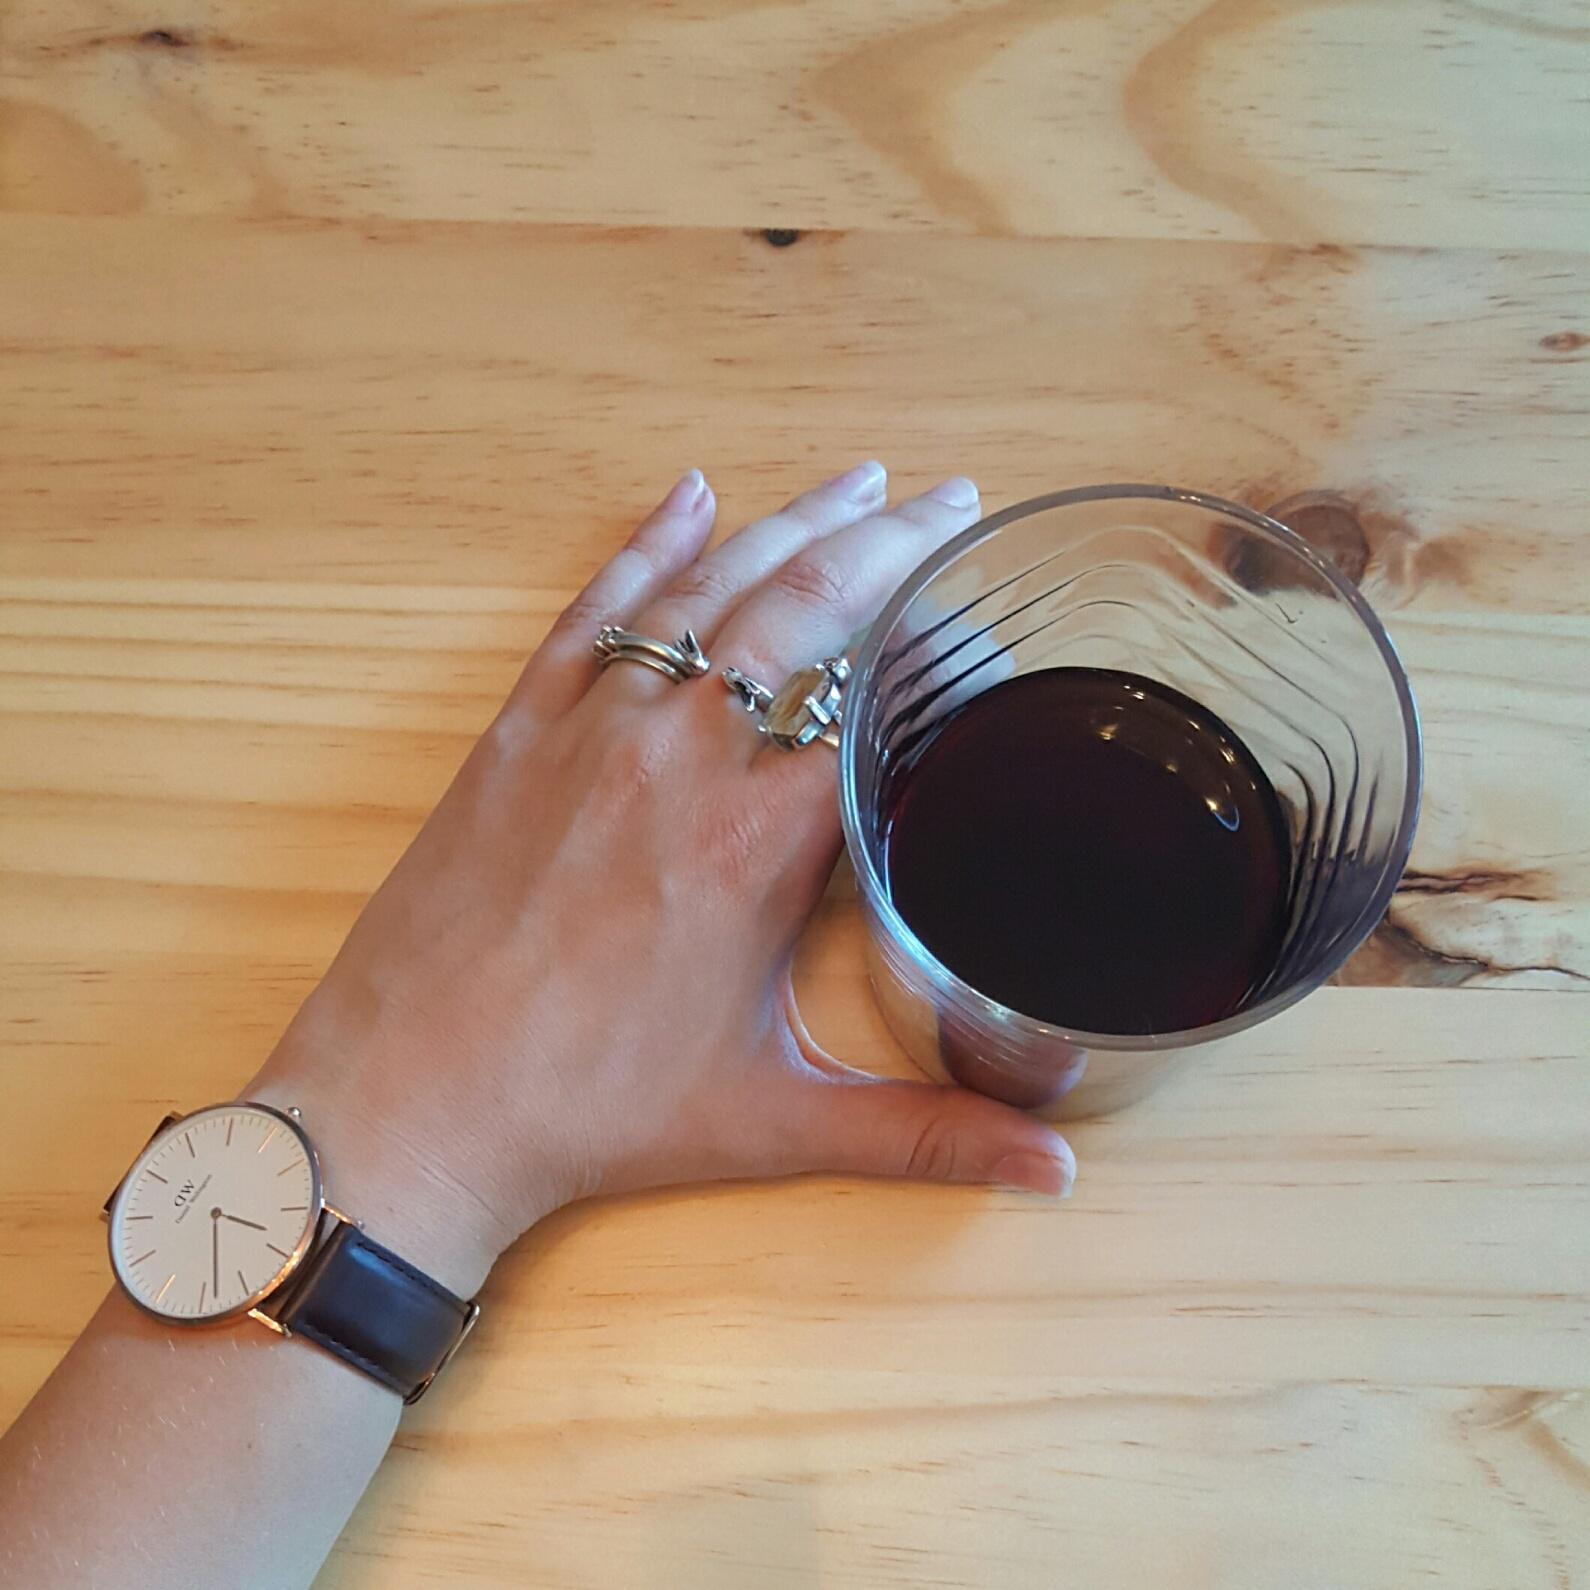 Wine in a tumbler